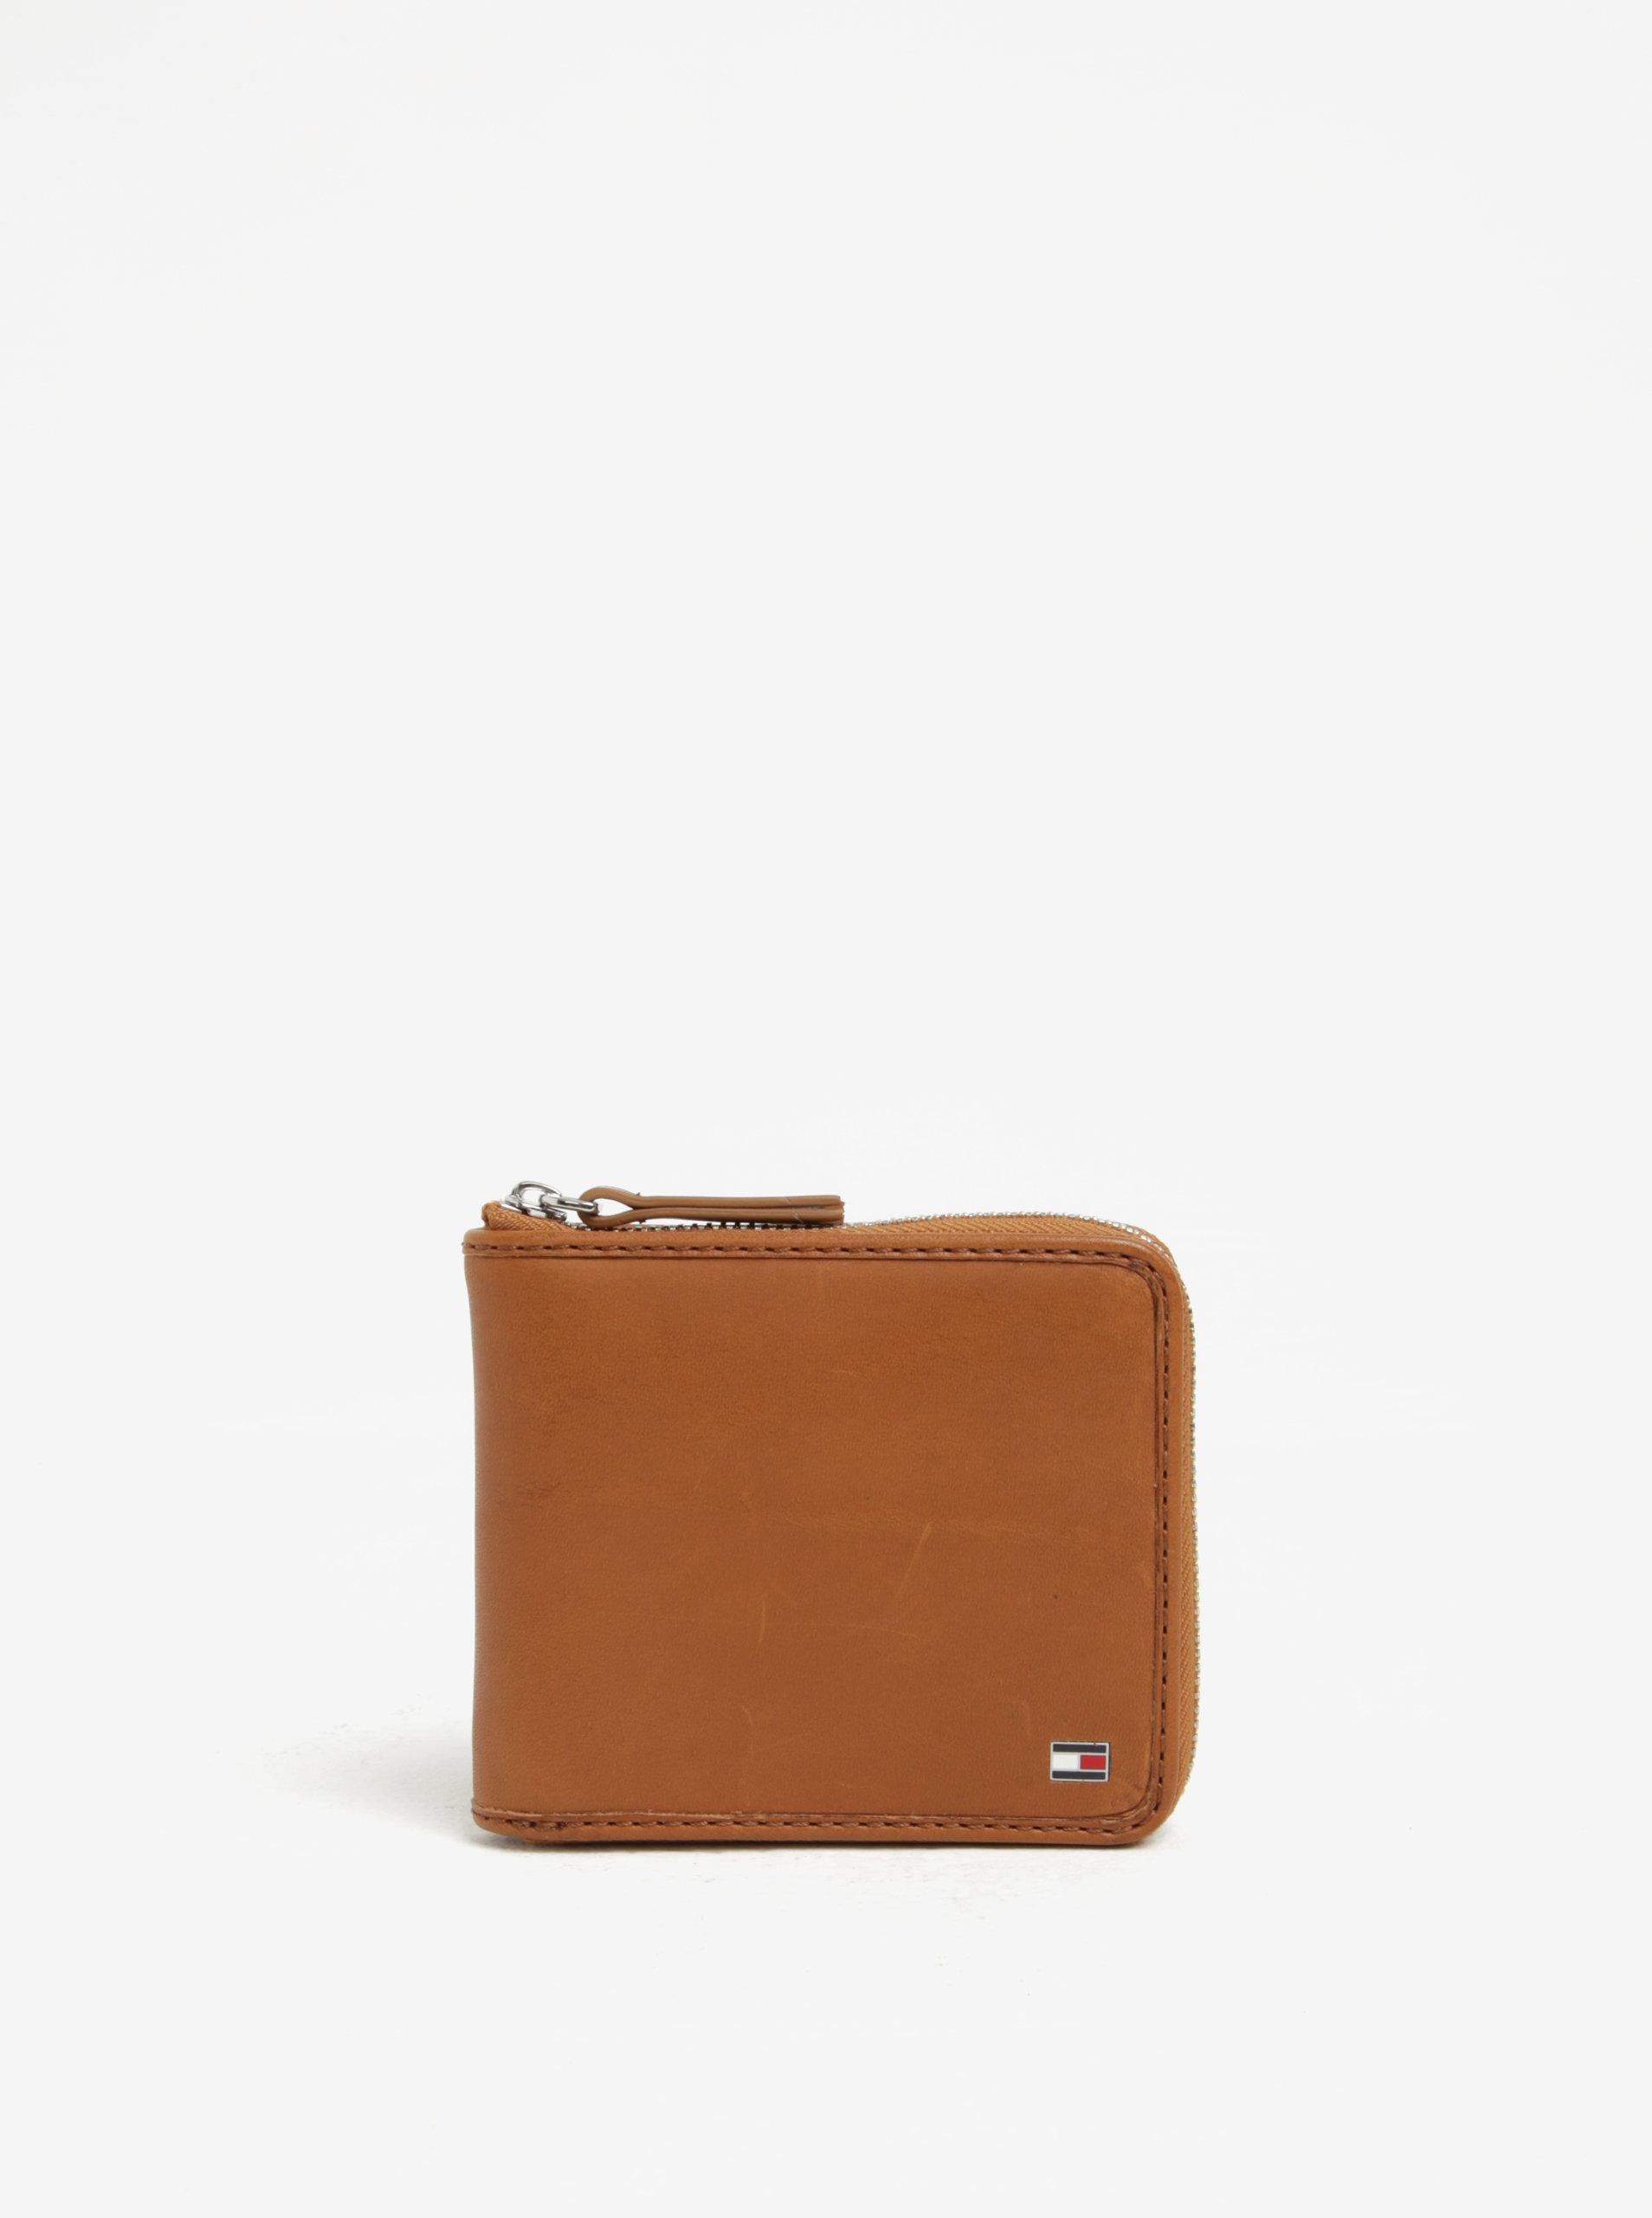 Hnedá pánska kožená peňaženka so zipsom Tommy Hilfiger ... a3a3d1e73f9